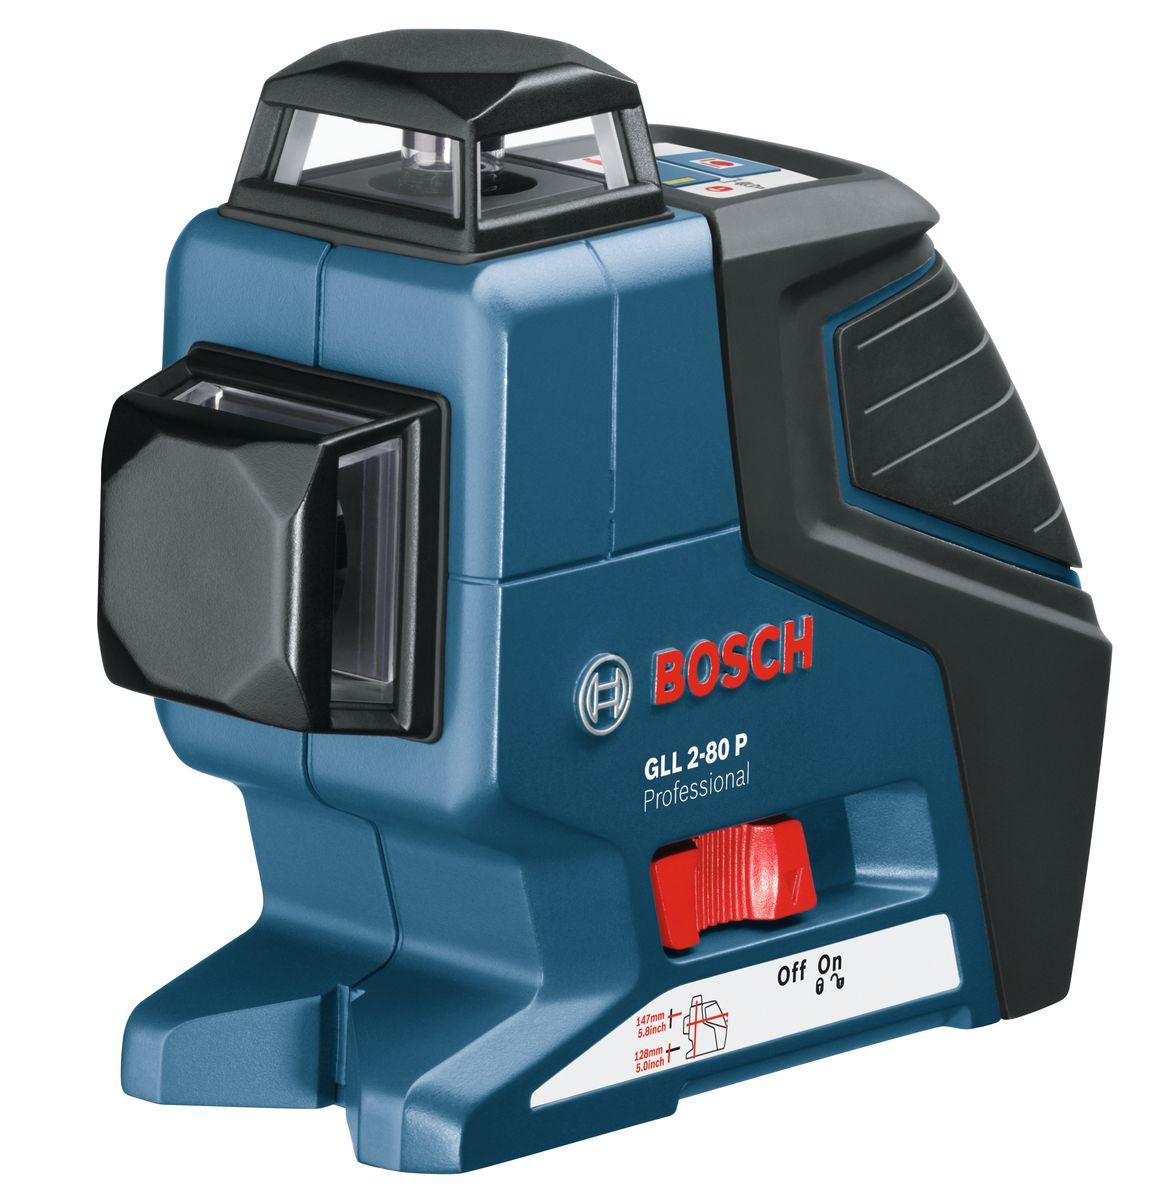 Лазерный нивелир Bosch GLL 2-80 P + BS 1501-4-081Технические характеристики Рабочая температура -10 - 45 °C Температура хранения -20 - 70 °C Класс лазера 2 Рабочий диапазон 40 м Рабочий диапазон с приемником 80 м Точность нивелирования ± 0,2 мм/м Комплектация: Вкладыш для кейса L-BOXX под инструмент Мишень Защитный чехол 4 батареи AA 1,5 В LR6